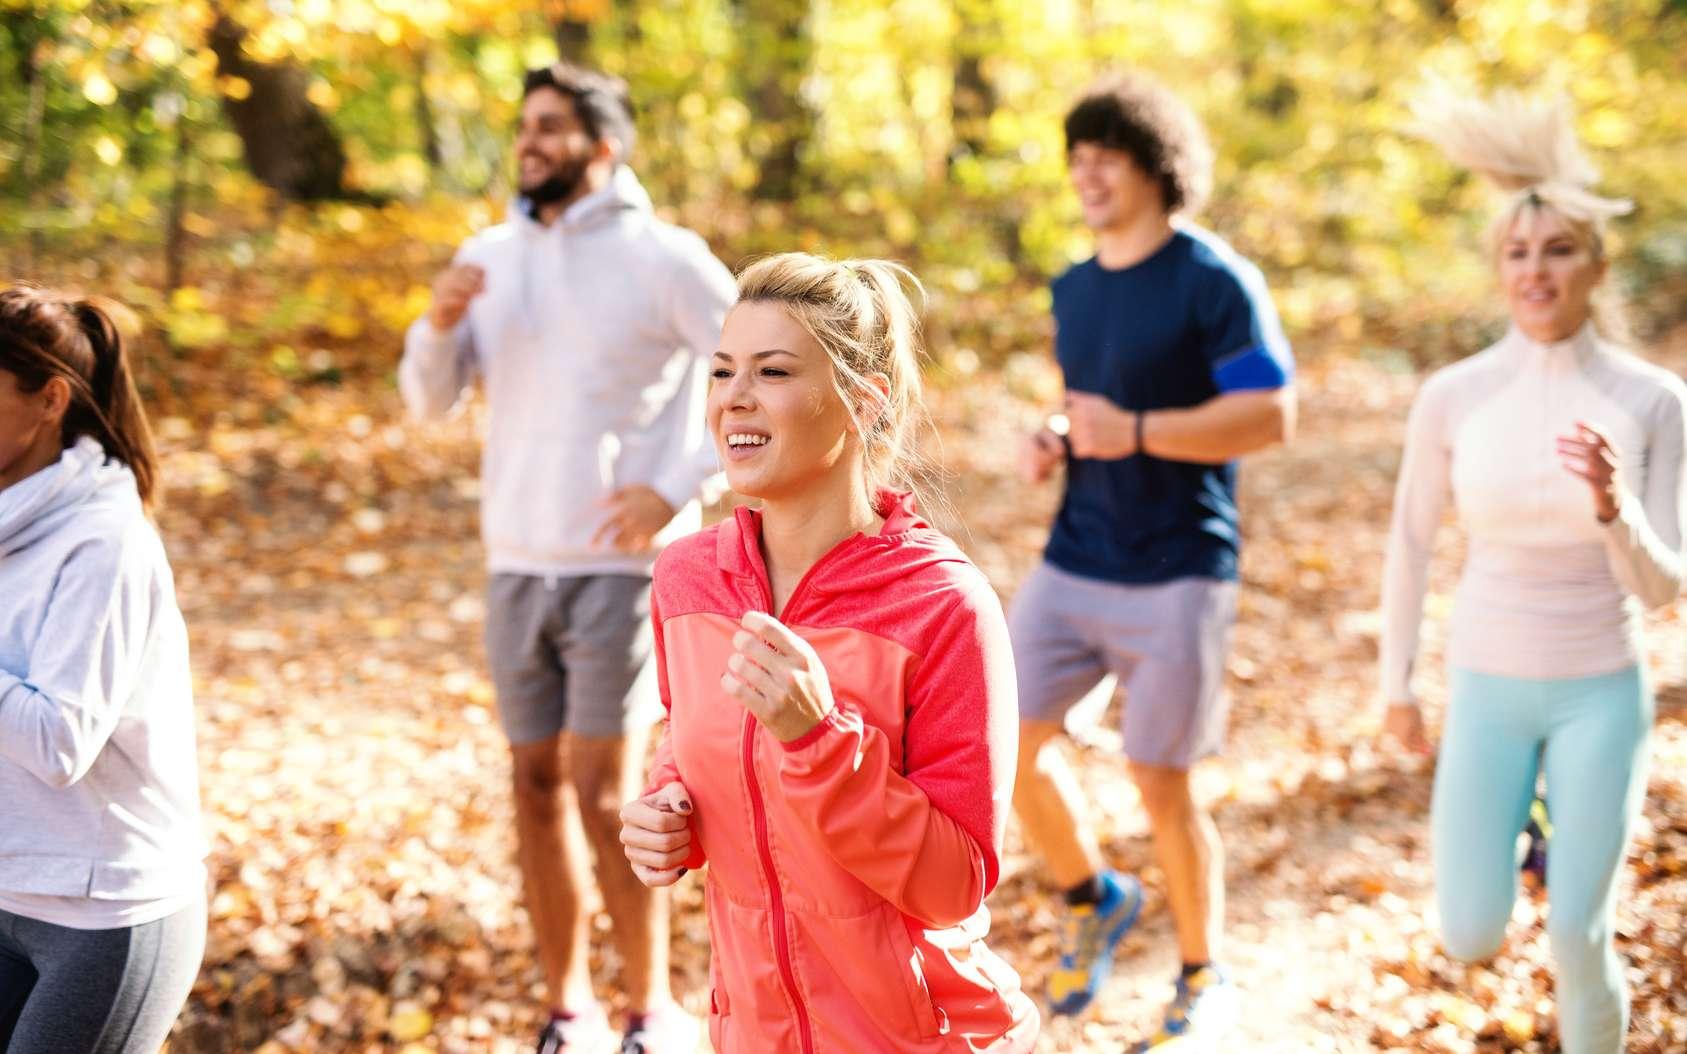 L'Inserm souhaite que de l'activité physique soit prescrite systématiquement pour les personnes atteintes de maladies chroniques. © dusanpetkovic1, fotolia